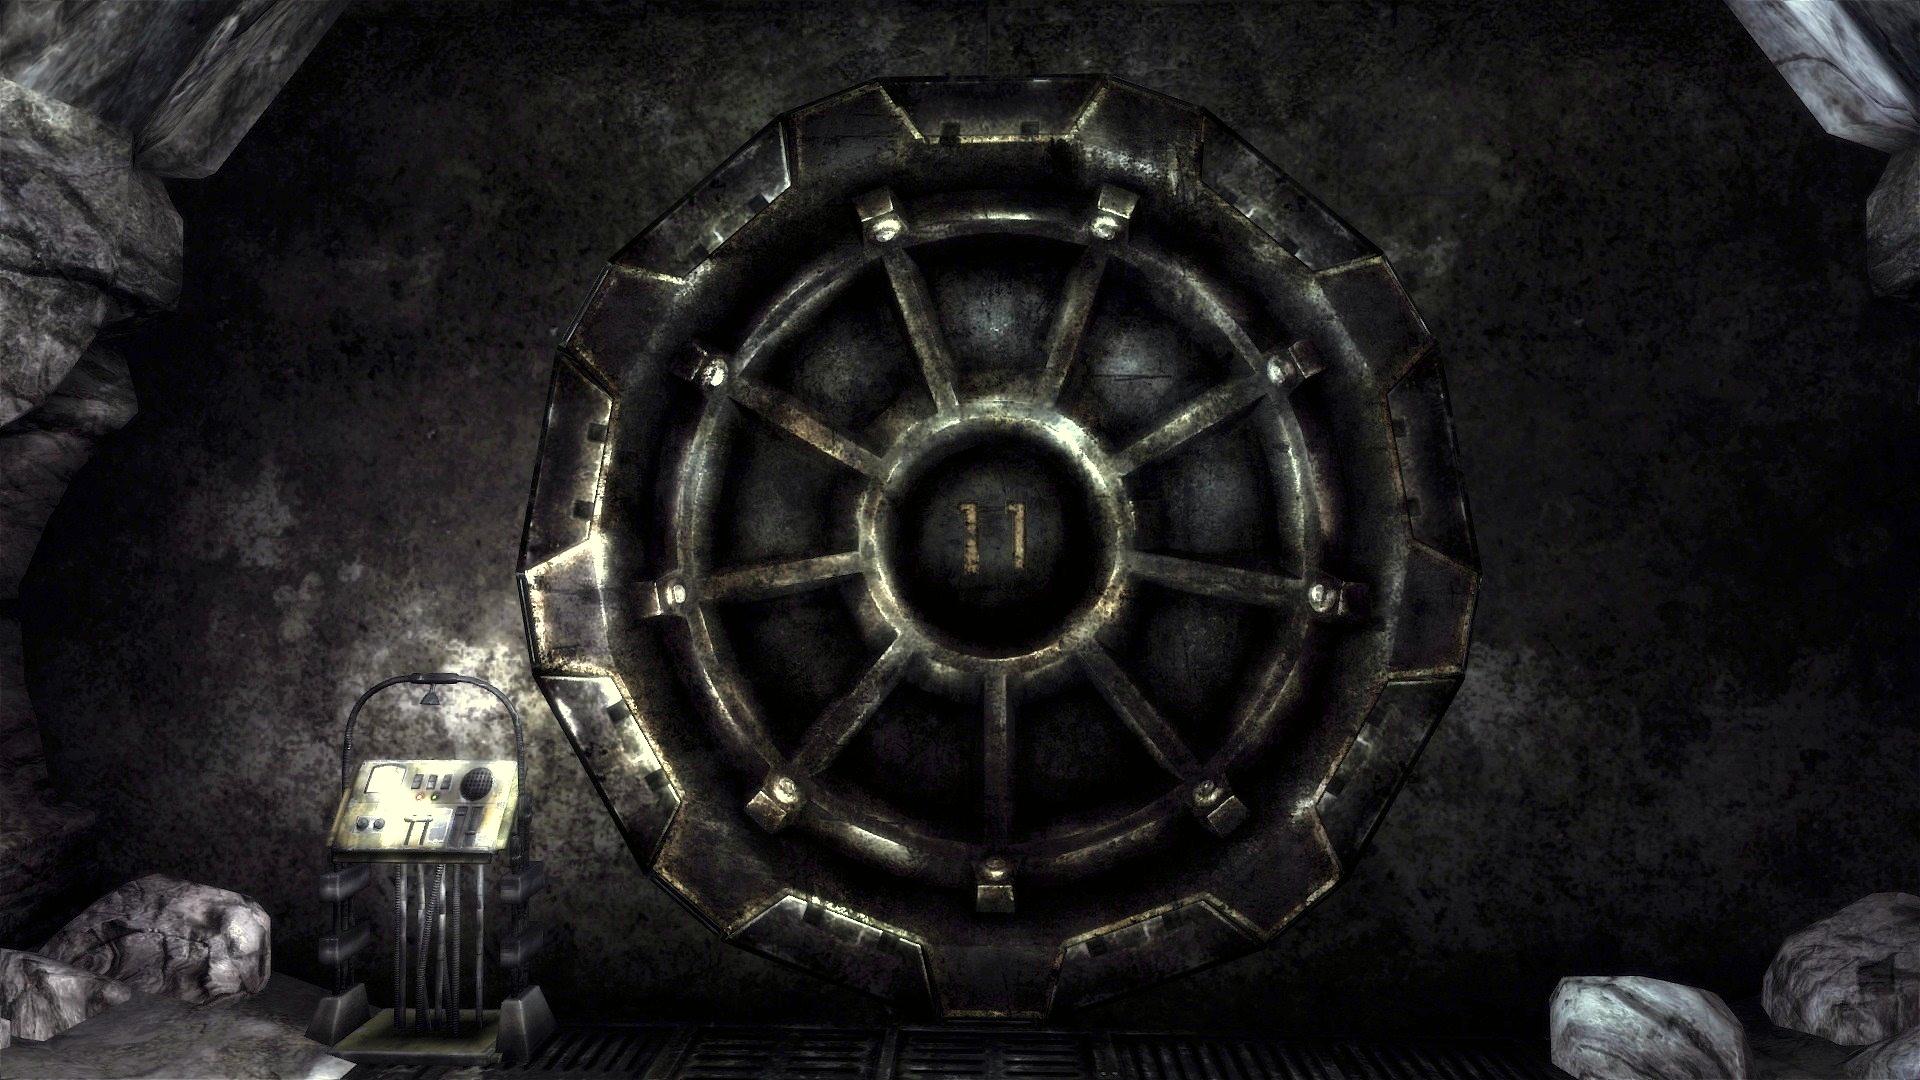 Free download Vault 11 door [1920x1080